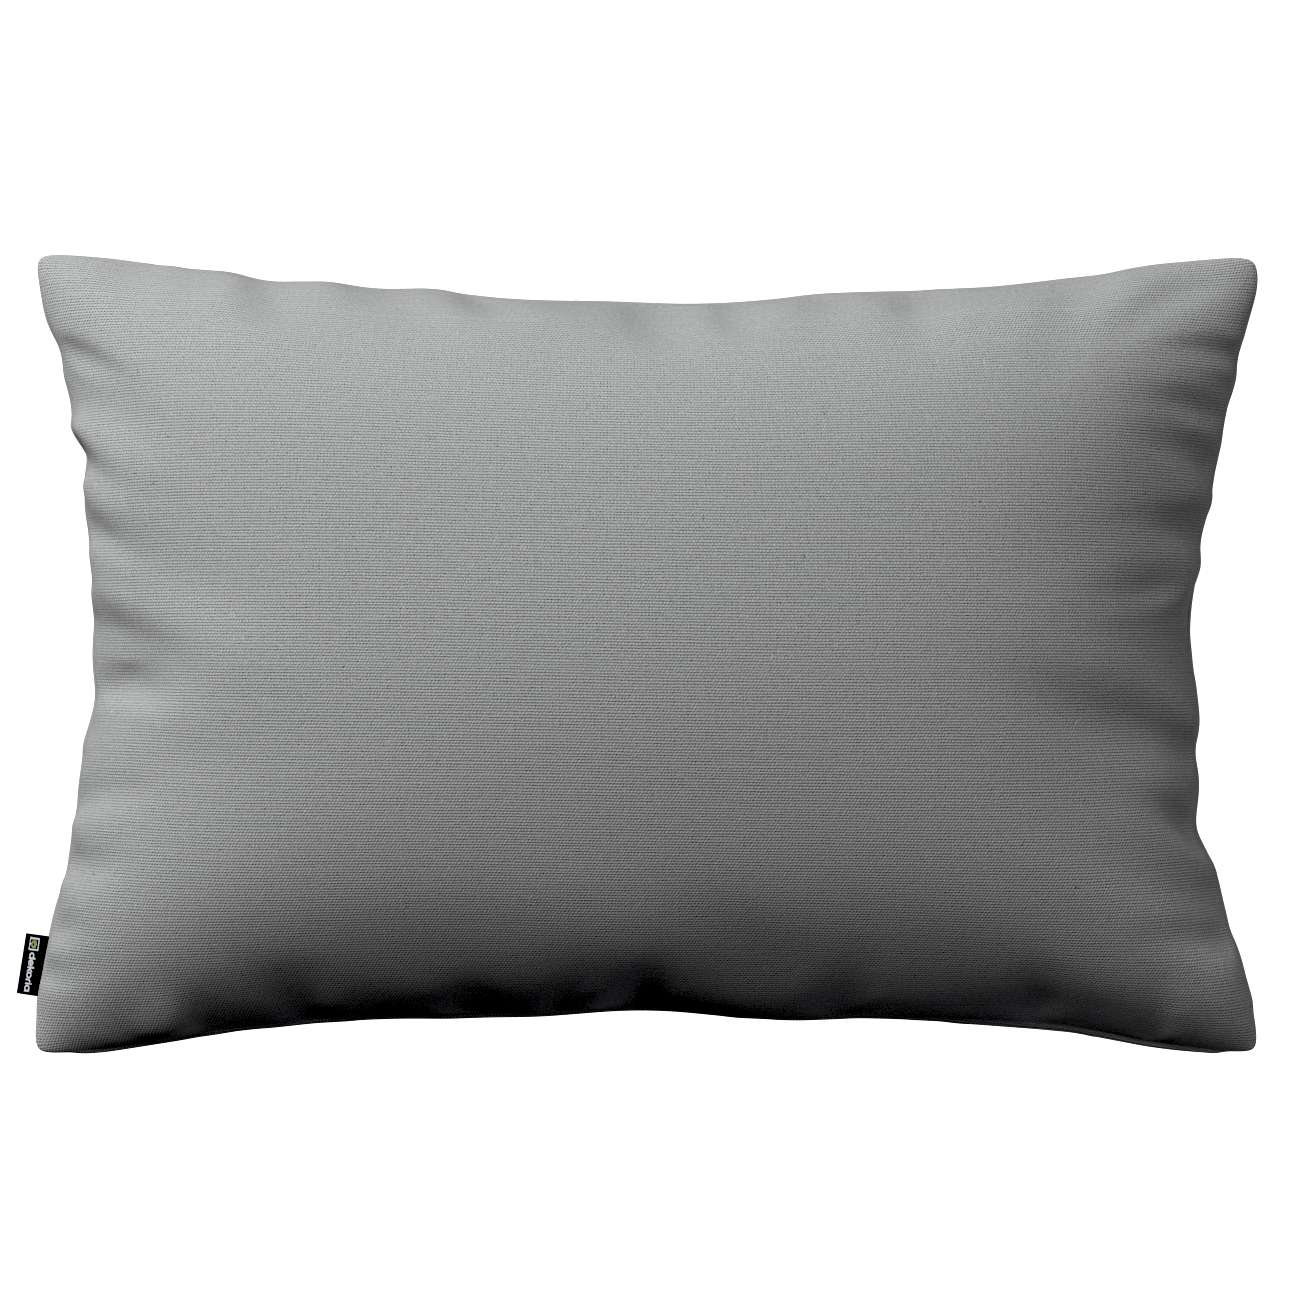 Poszewka Kinga na poduszkę prostokątną 60 x 40 cm w kolekcji Loneta, tkanina: 133-24